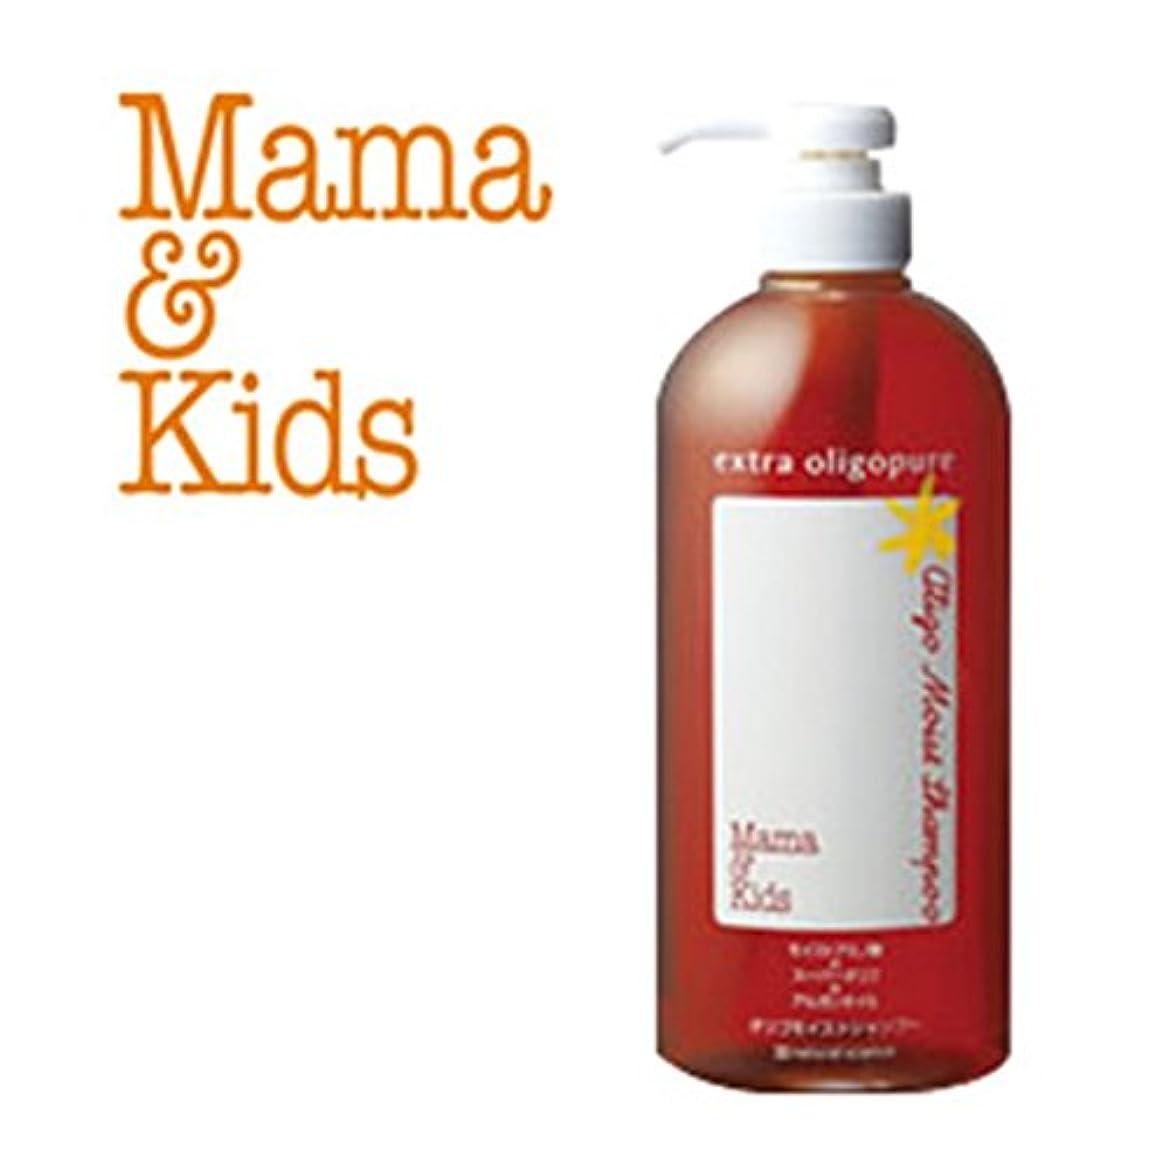 落胆した利用可能市民ママ&キッズ オリゴモイストシャンプー720ML/Mama&Kids Oligo Moist Shampoo/洗发水